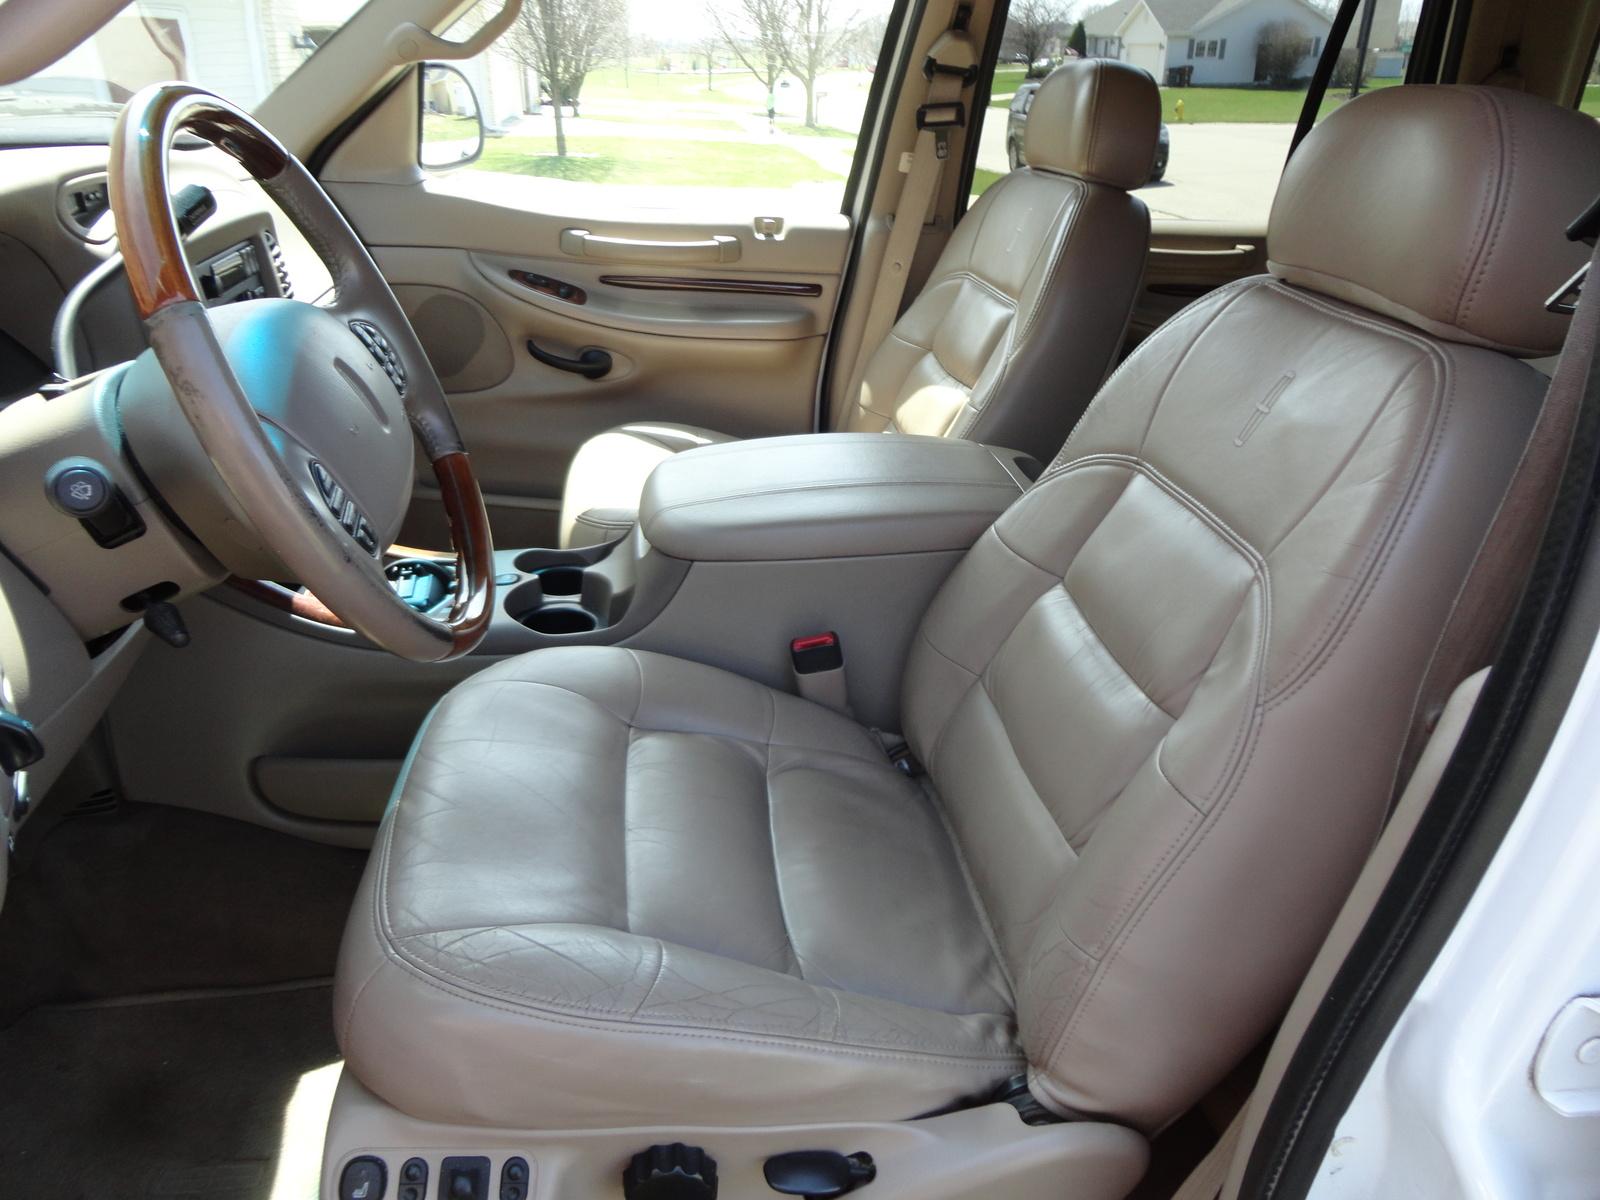 2000 Lincoln Navigator Interior Pictures Cargurus